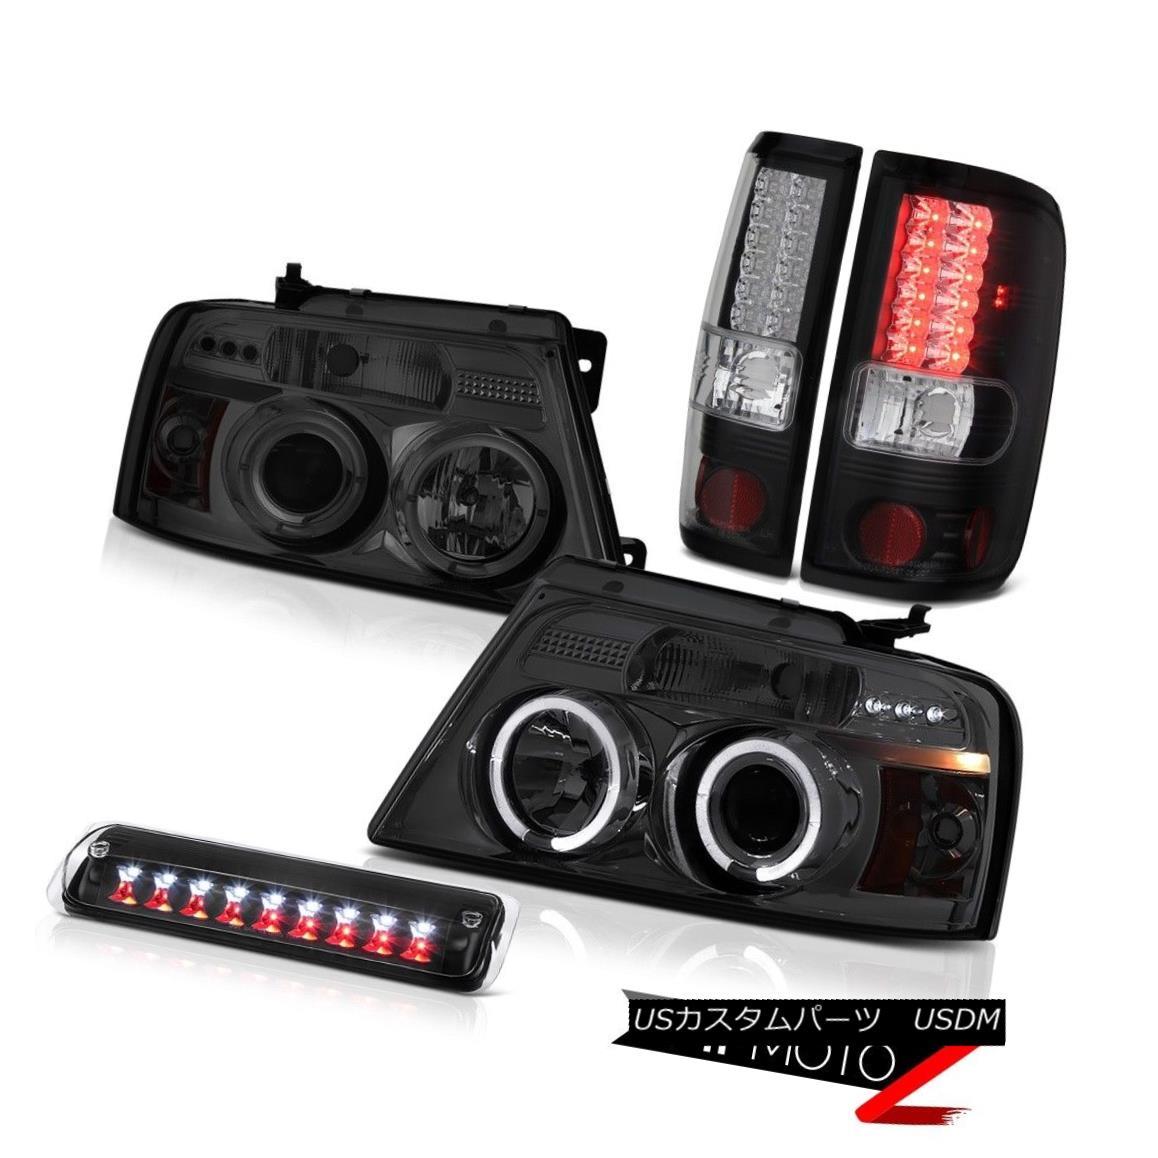 テールライト 04 05 06 07 08 Ford F150 XLT Roof Cargo Light Smoked Headlights Rear Brake Lamps 04 05 06 07 08フォードF150 XLT屋根カーゴライトスモークヘッドライトリアブレーキランプ